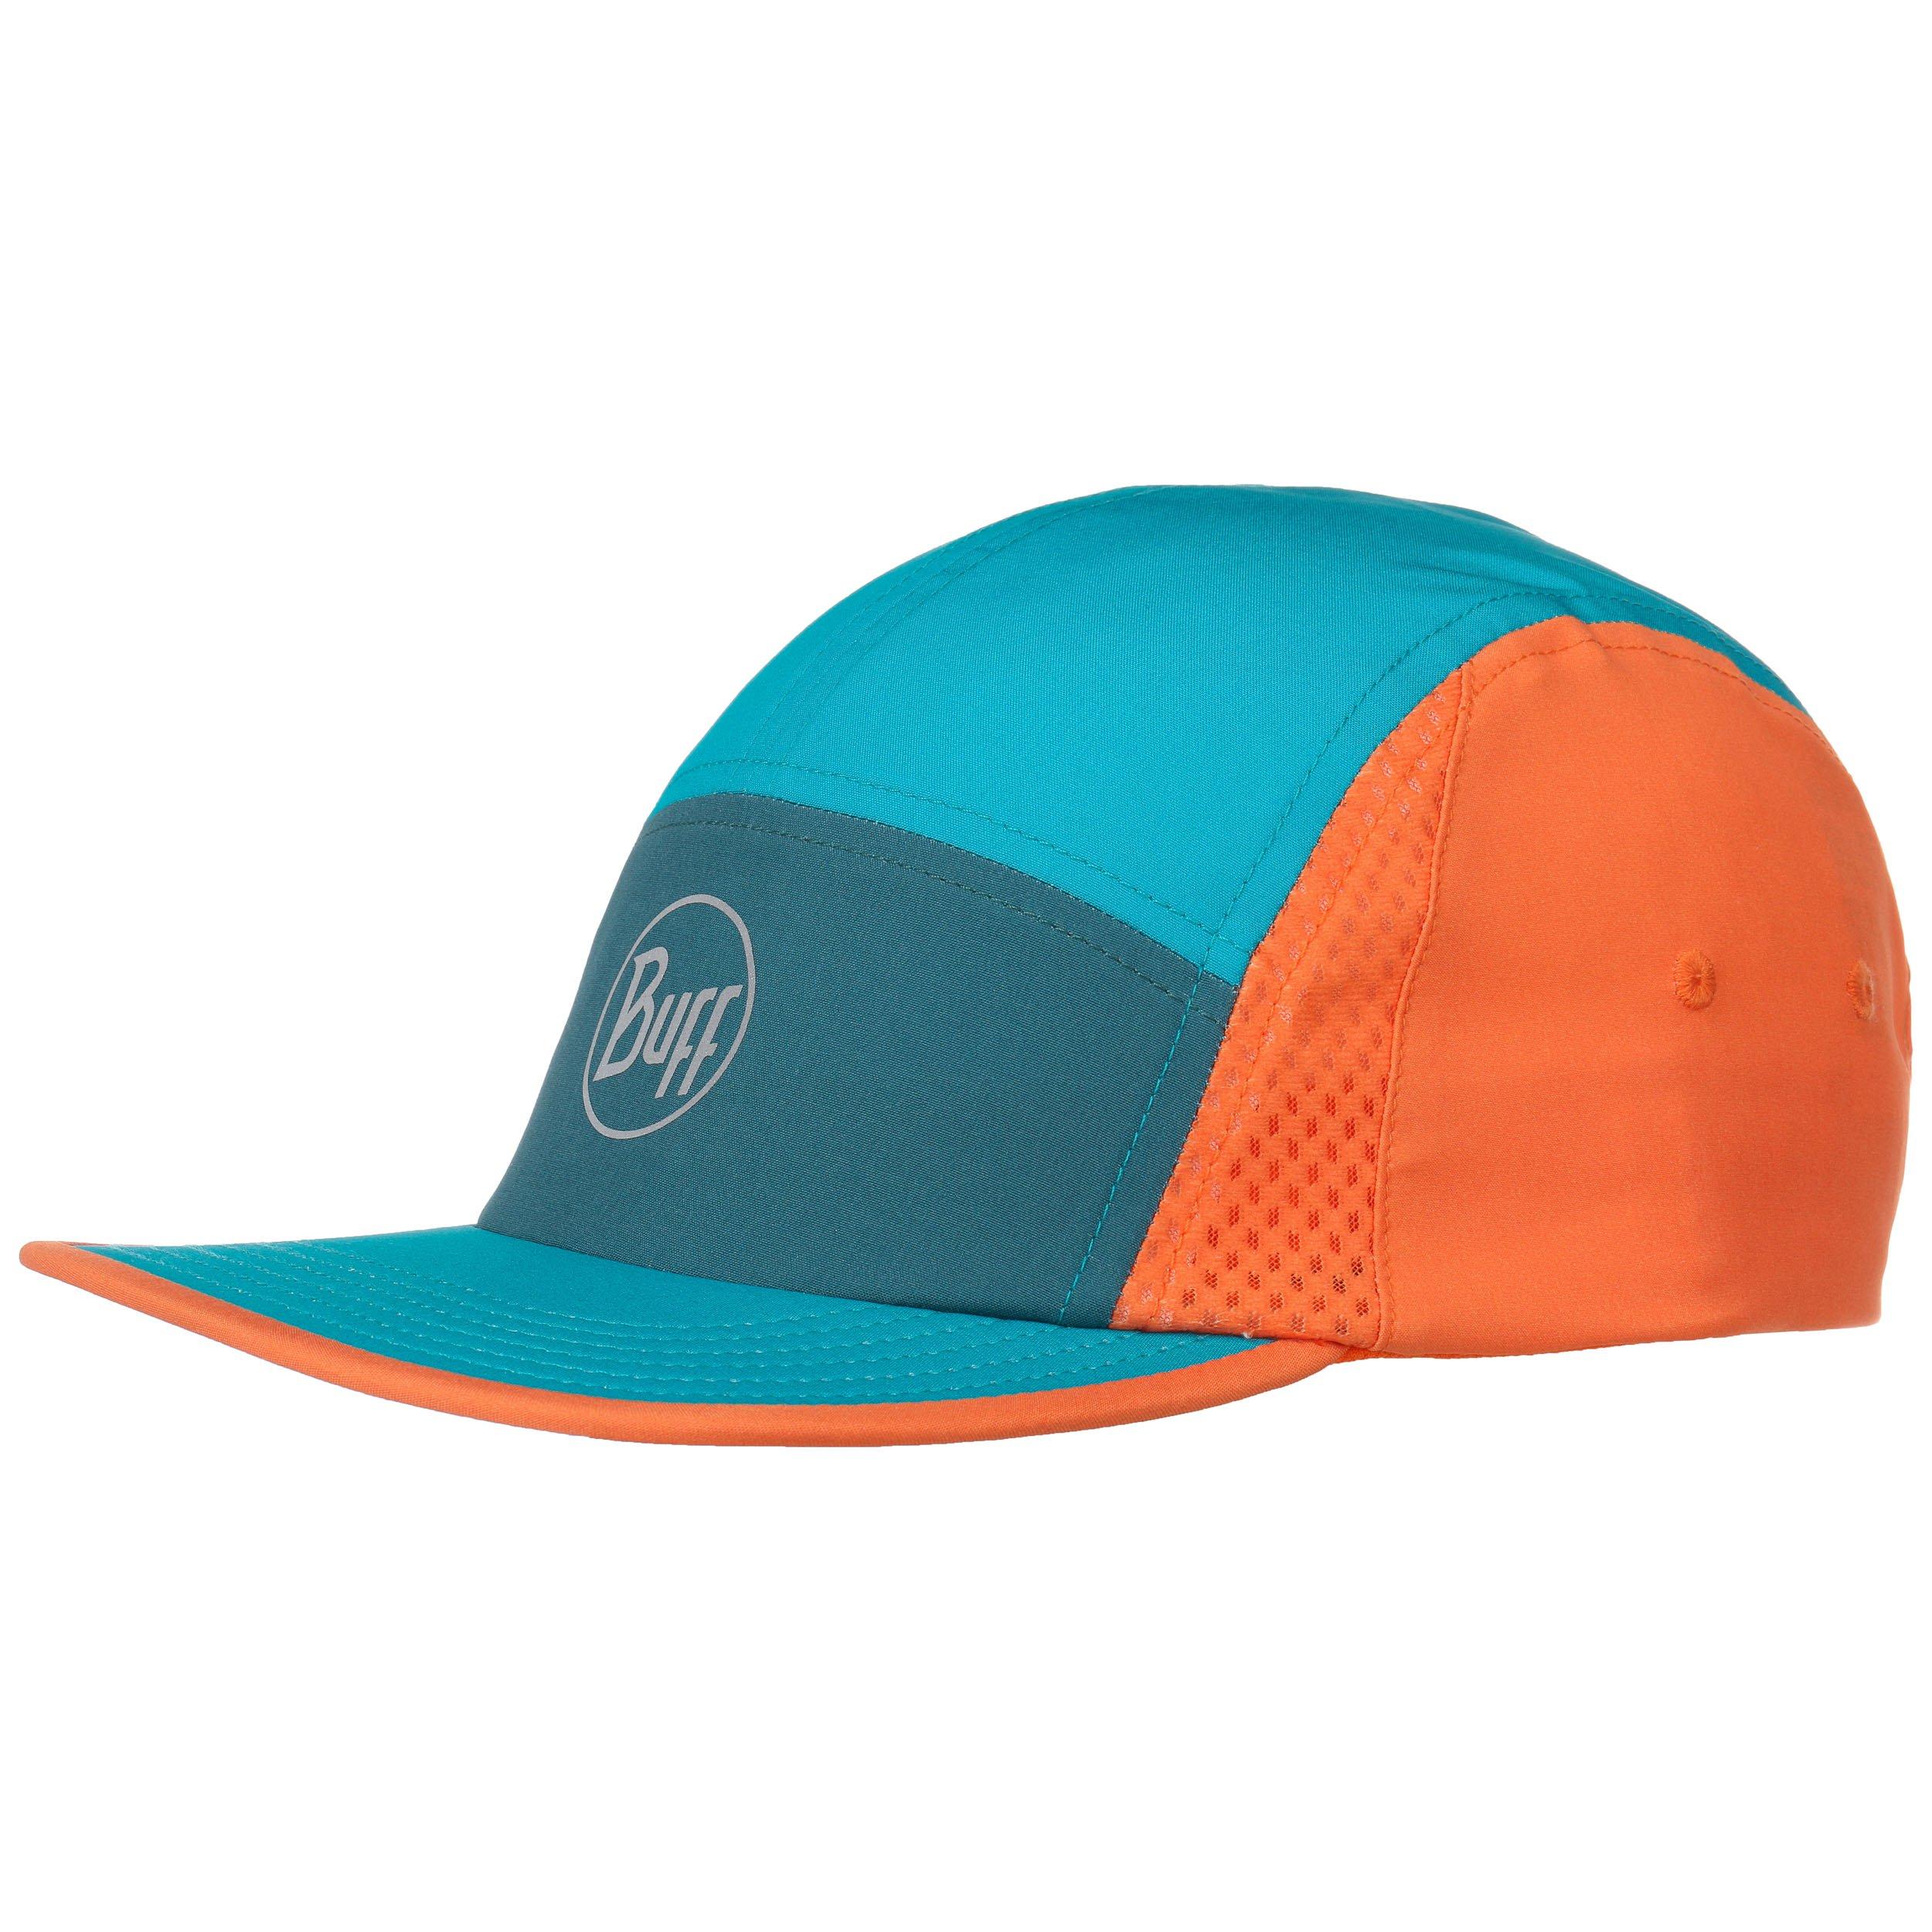 Бейсболка Buff Run Cap, emerald green,